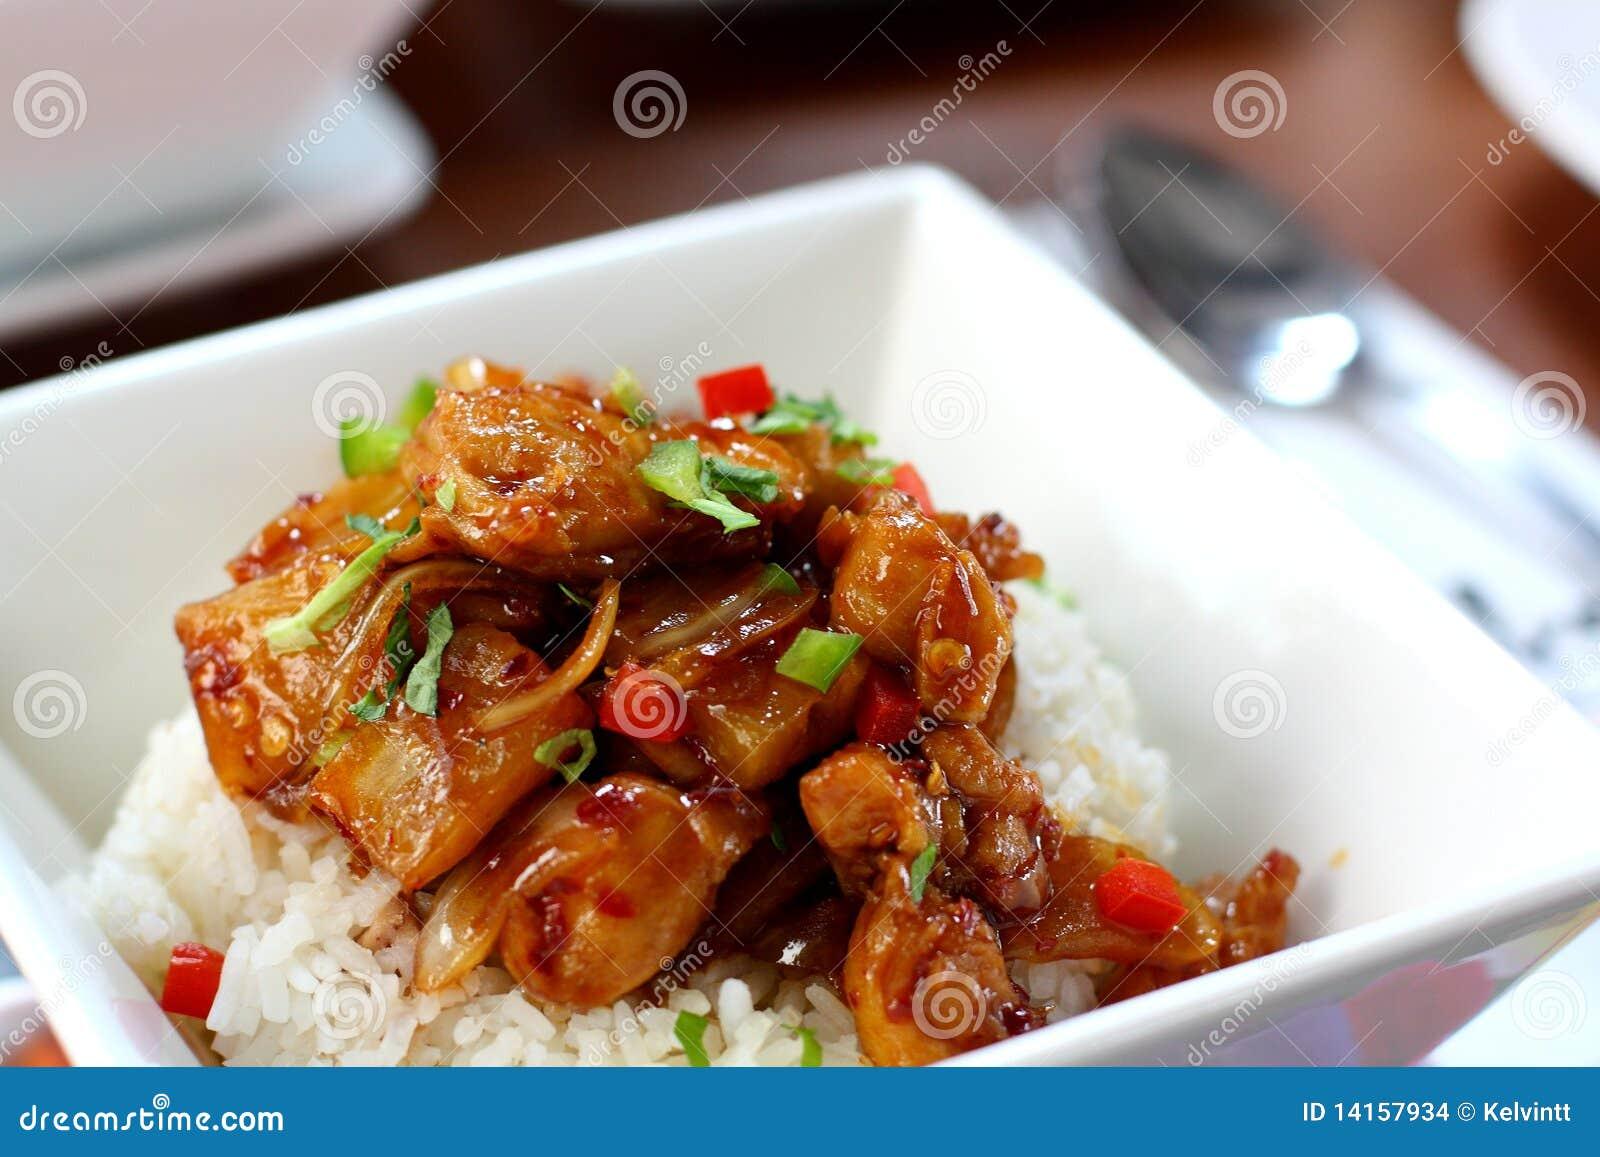 Hawaiian Style Chicken Rice